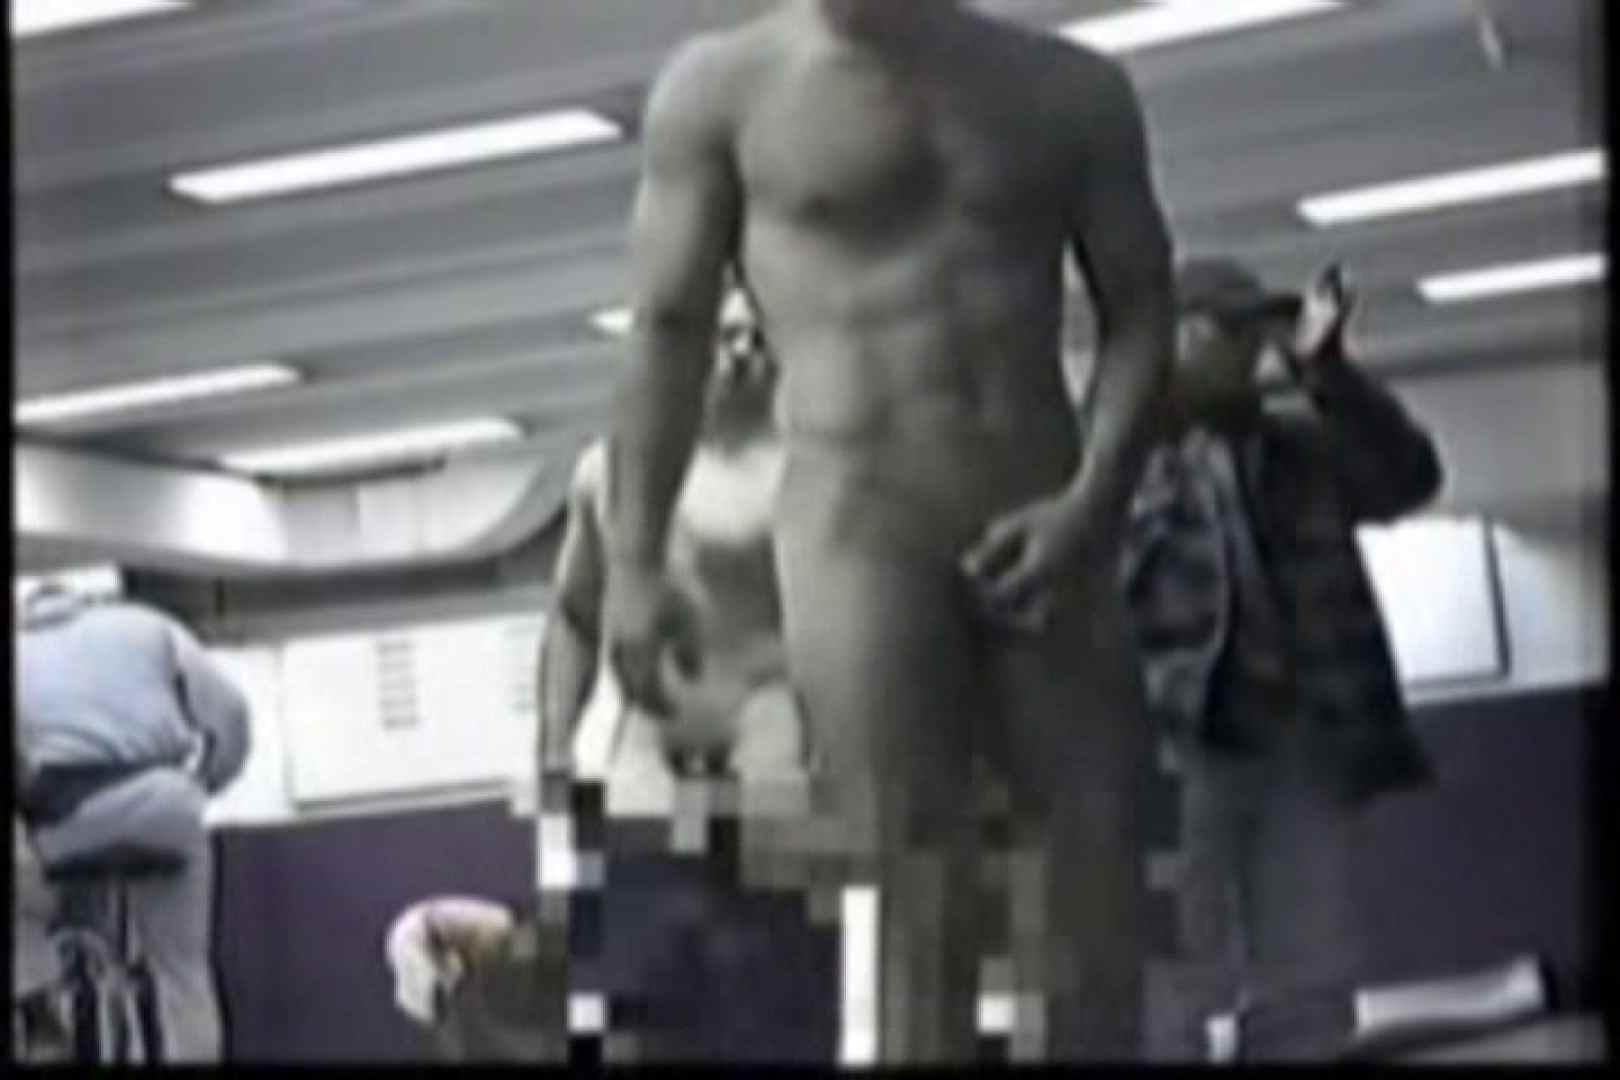 洋人さんの脱衣所を覗いてみました。VOL.8 のぞき   ガチムチマッチョ系  93pic 2